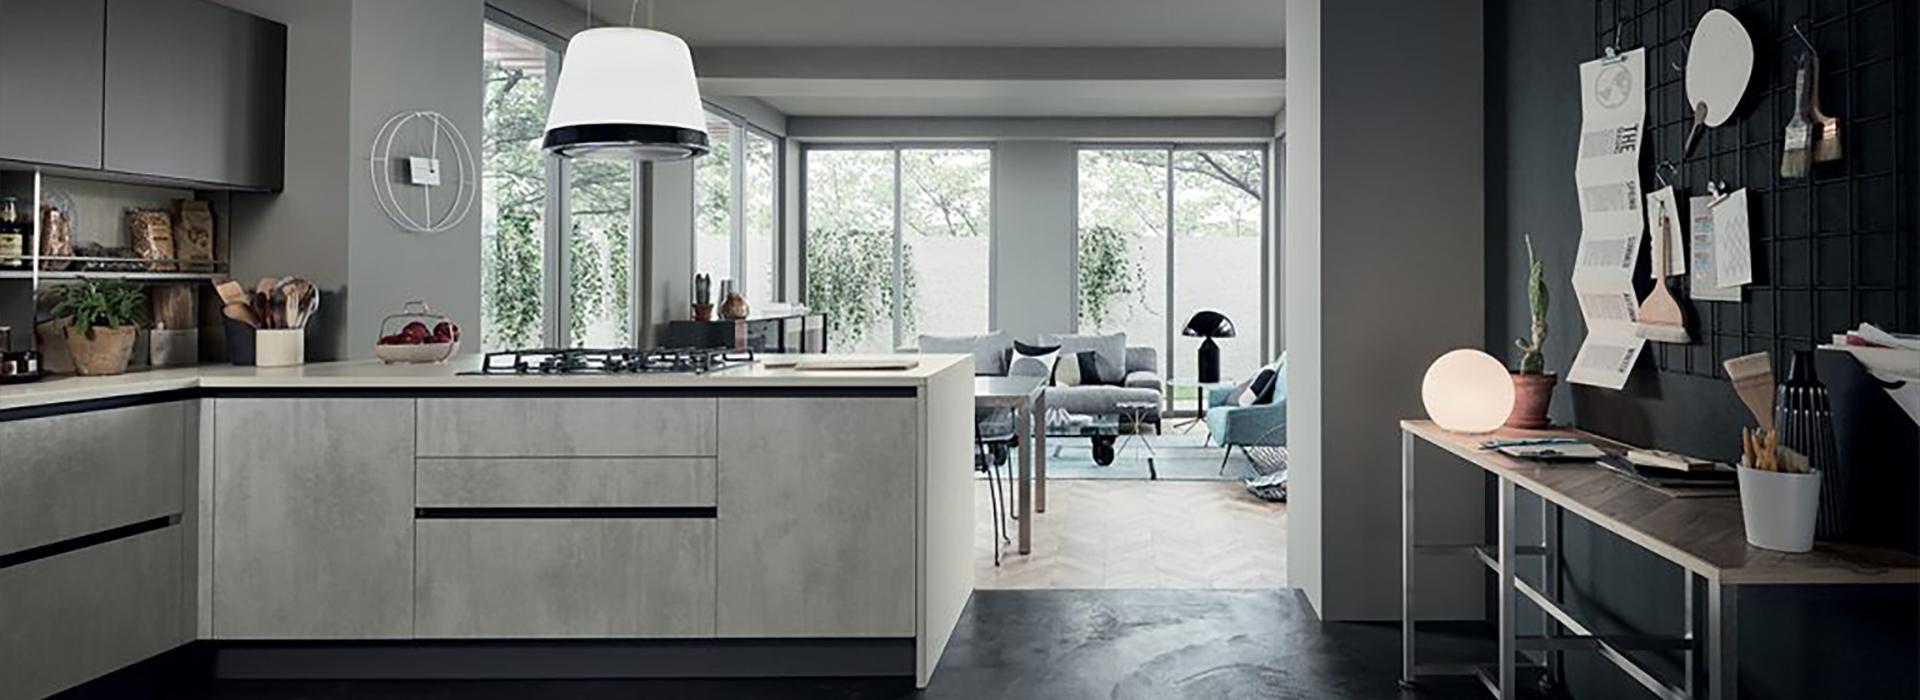 Acquista Cucine Moderne Roma - Ginocchi Arredamenti